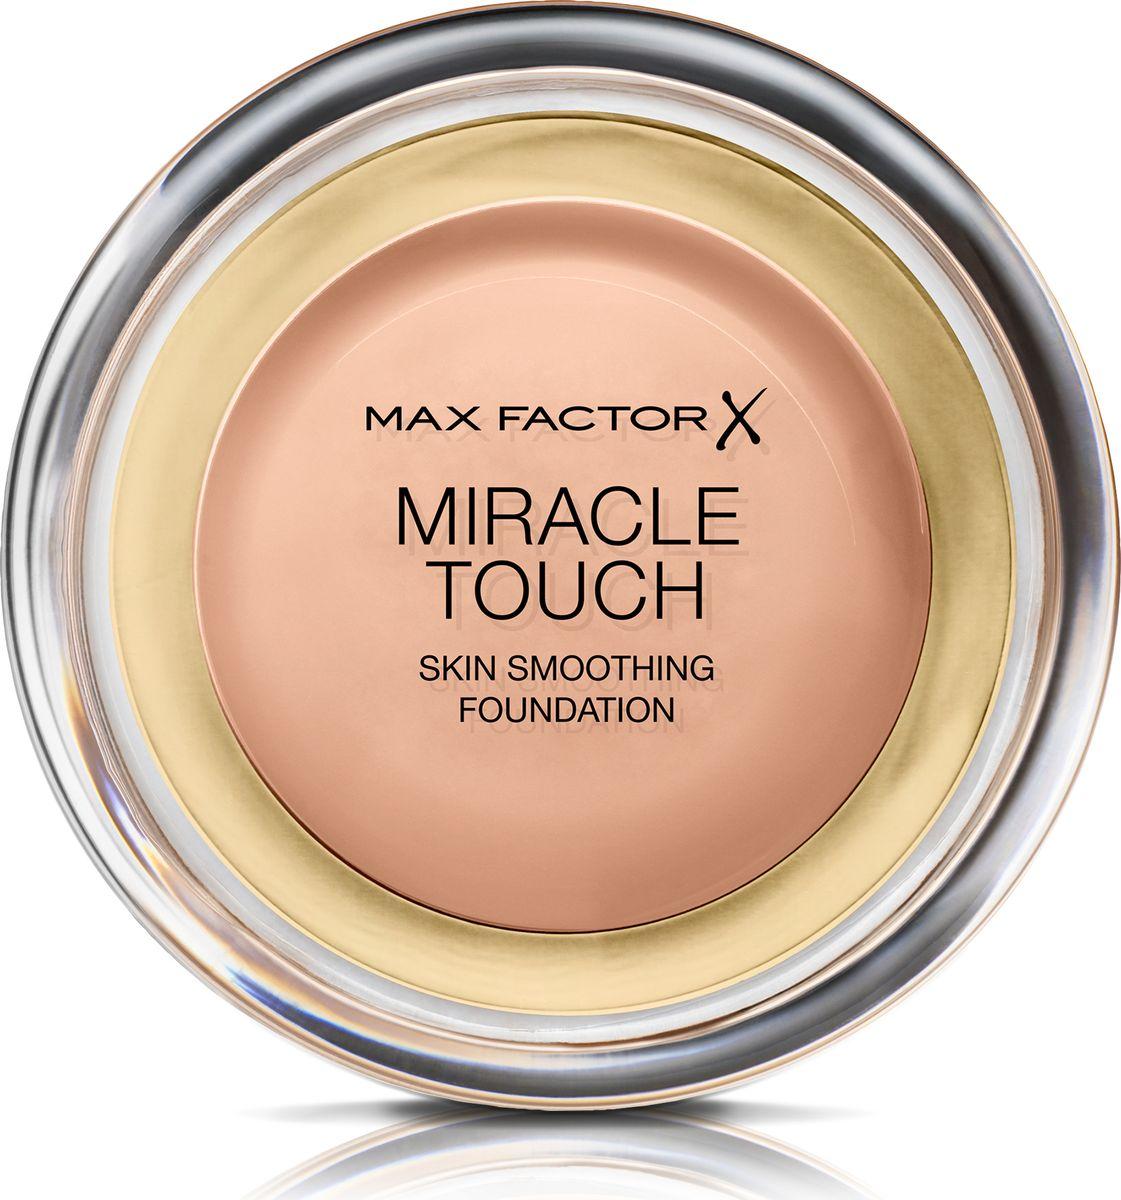 Max Factor Тональная Основа Miracle Touch Тон 55 blushing beige 11,5 гр81057Уникальная универсальная тональная основа MaxFactorMiracleTouch обладает кремообразной формулой, благодаря которой превосходно подготовить кожу для макияжа очень легко. Всего один слой без необходимости нанесения консилера или пудры. Легкая твердая тональная основа тает в руках и гладко наносится на кожу, создавая идеальное, безупречно блестящее и равномерное покрытие, не слишком прозрачное и не слишком плотное. В результате кожа выглядит свежей, необычайно ровной и приобретает сияние. Чтобы создать безупречное покрытие, можно нанести всего один легкий слой тональной основы или же сделать покрытие более плотным благодаря специальной формуле. Тональная основа подходит для всех типов кожи, включая чувствительную кожу, и не вызывает угревой сыпи, так как не закупоривает поры. Спонж в комплекте для простого и аккуратного нанесения где угодно.Идеальное покрытие в один слой- консилер и пудра не нужны. Умеренное или плотное покрытие благодаря специальной формуле. Не вызывает угревую сыпь и не закупоривает поры. Дерматологически протестировано, подходит для чувствительной кожи.Удобная компактная форма, которую легко держать в руках, со спонжем для быстрого и простого нанесения. Идеальный оттенок должен соответствовать тону кожи на линии подбородка. Для получения наиболее профессионального результата с помощью спонжа, входящего в комплект, нанеси тональную основу MiracleTouchLiquidIllusion и распредели ее от центра лица к краям. Чтобы скрыть темные круги и недостатки кожи, наноси основу краем спонжа. Всегда наноси продукт при ярком дневном освещении.